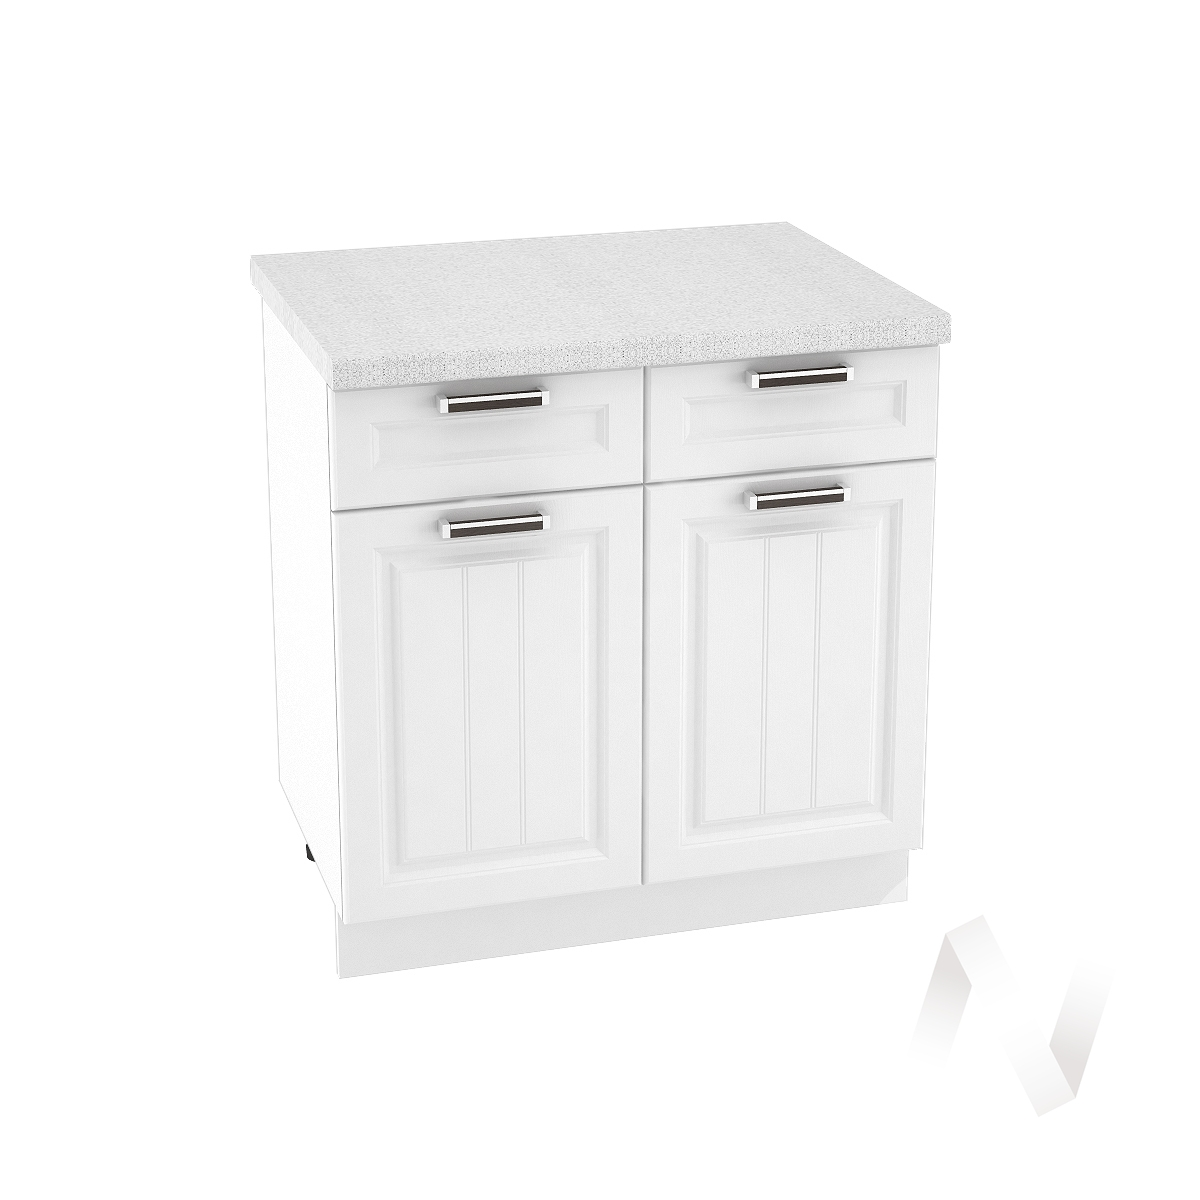 """Кухня """"Прага"""": Шкаф нижний с ящиками 800, ШН1Я 800 (белое дерево/корпус белый)"""